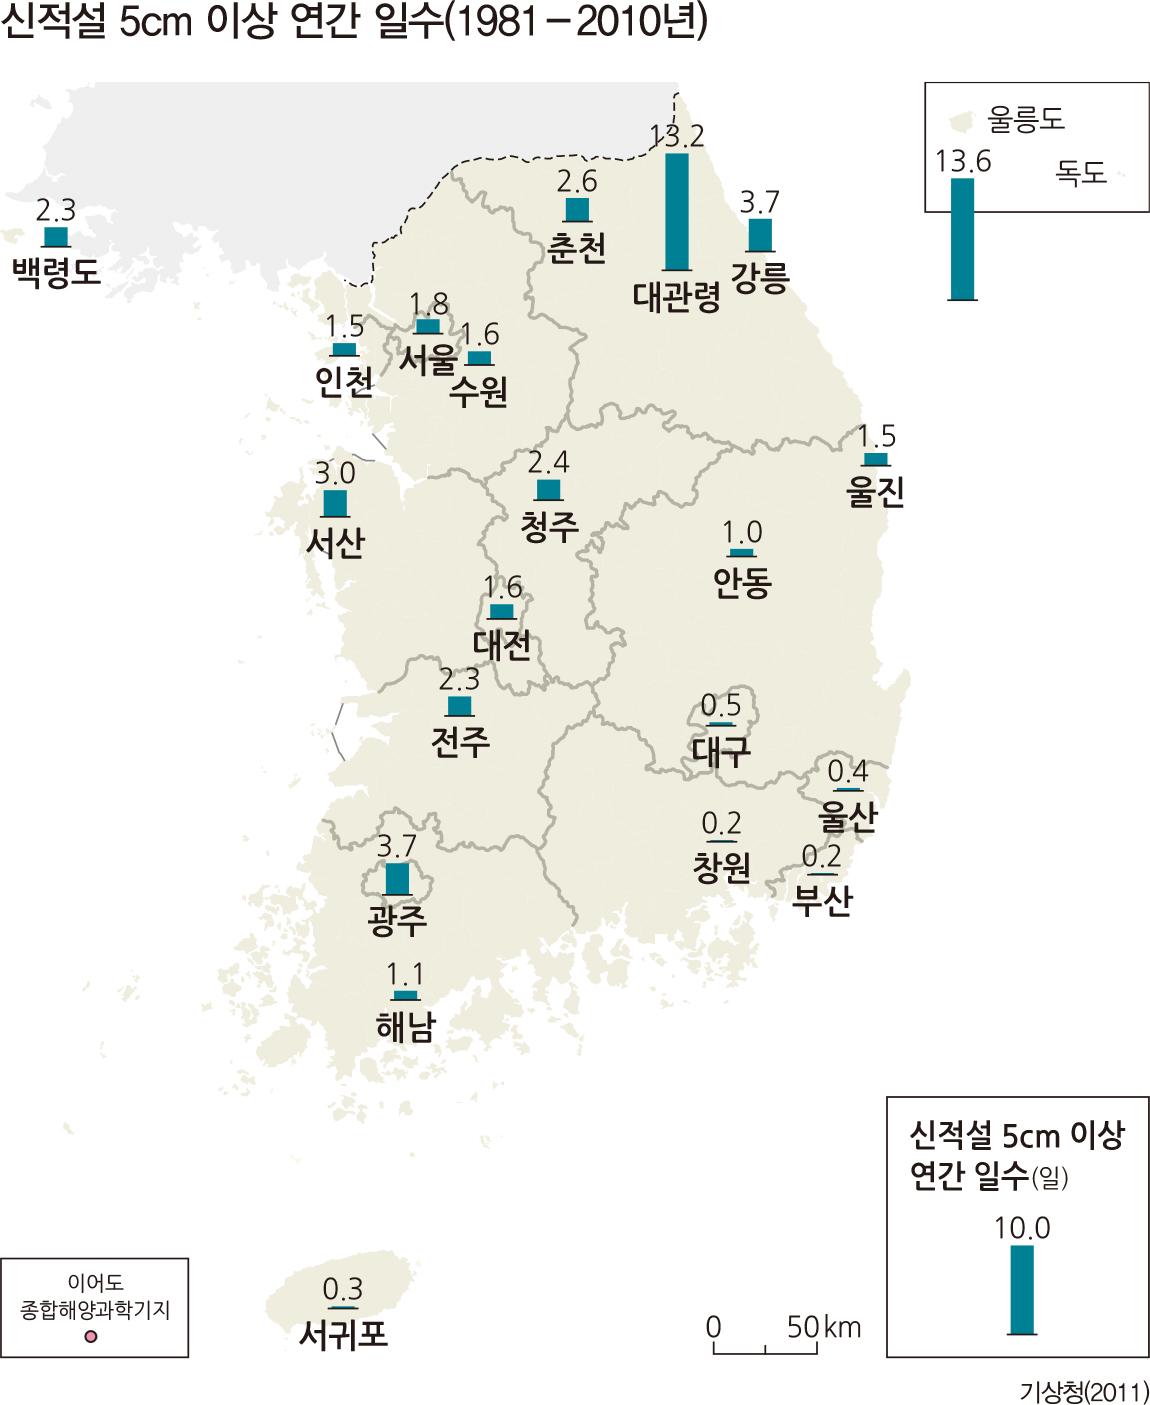 신적설 5cm 이상 연간 일수(1981-2010년)